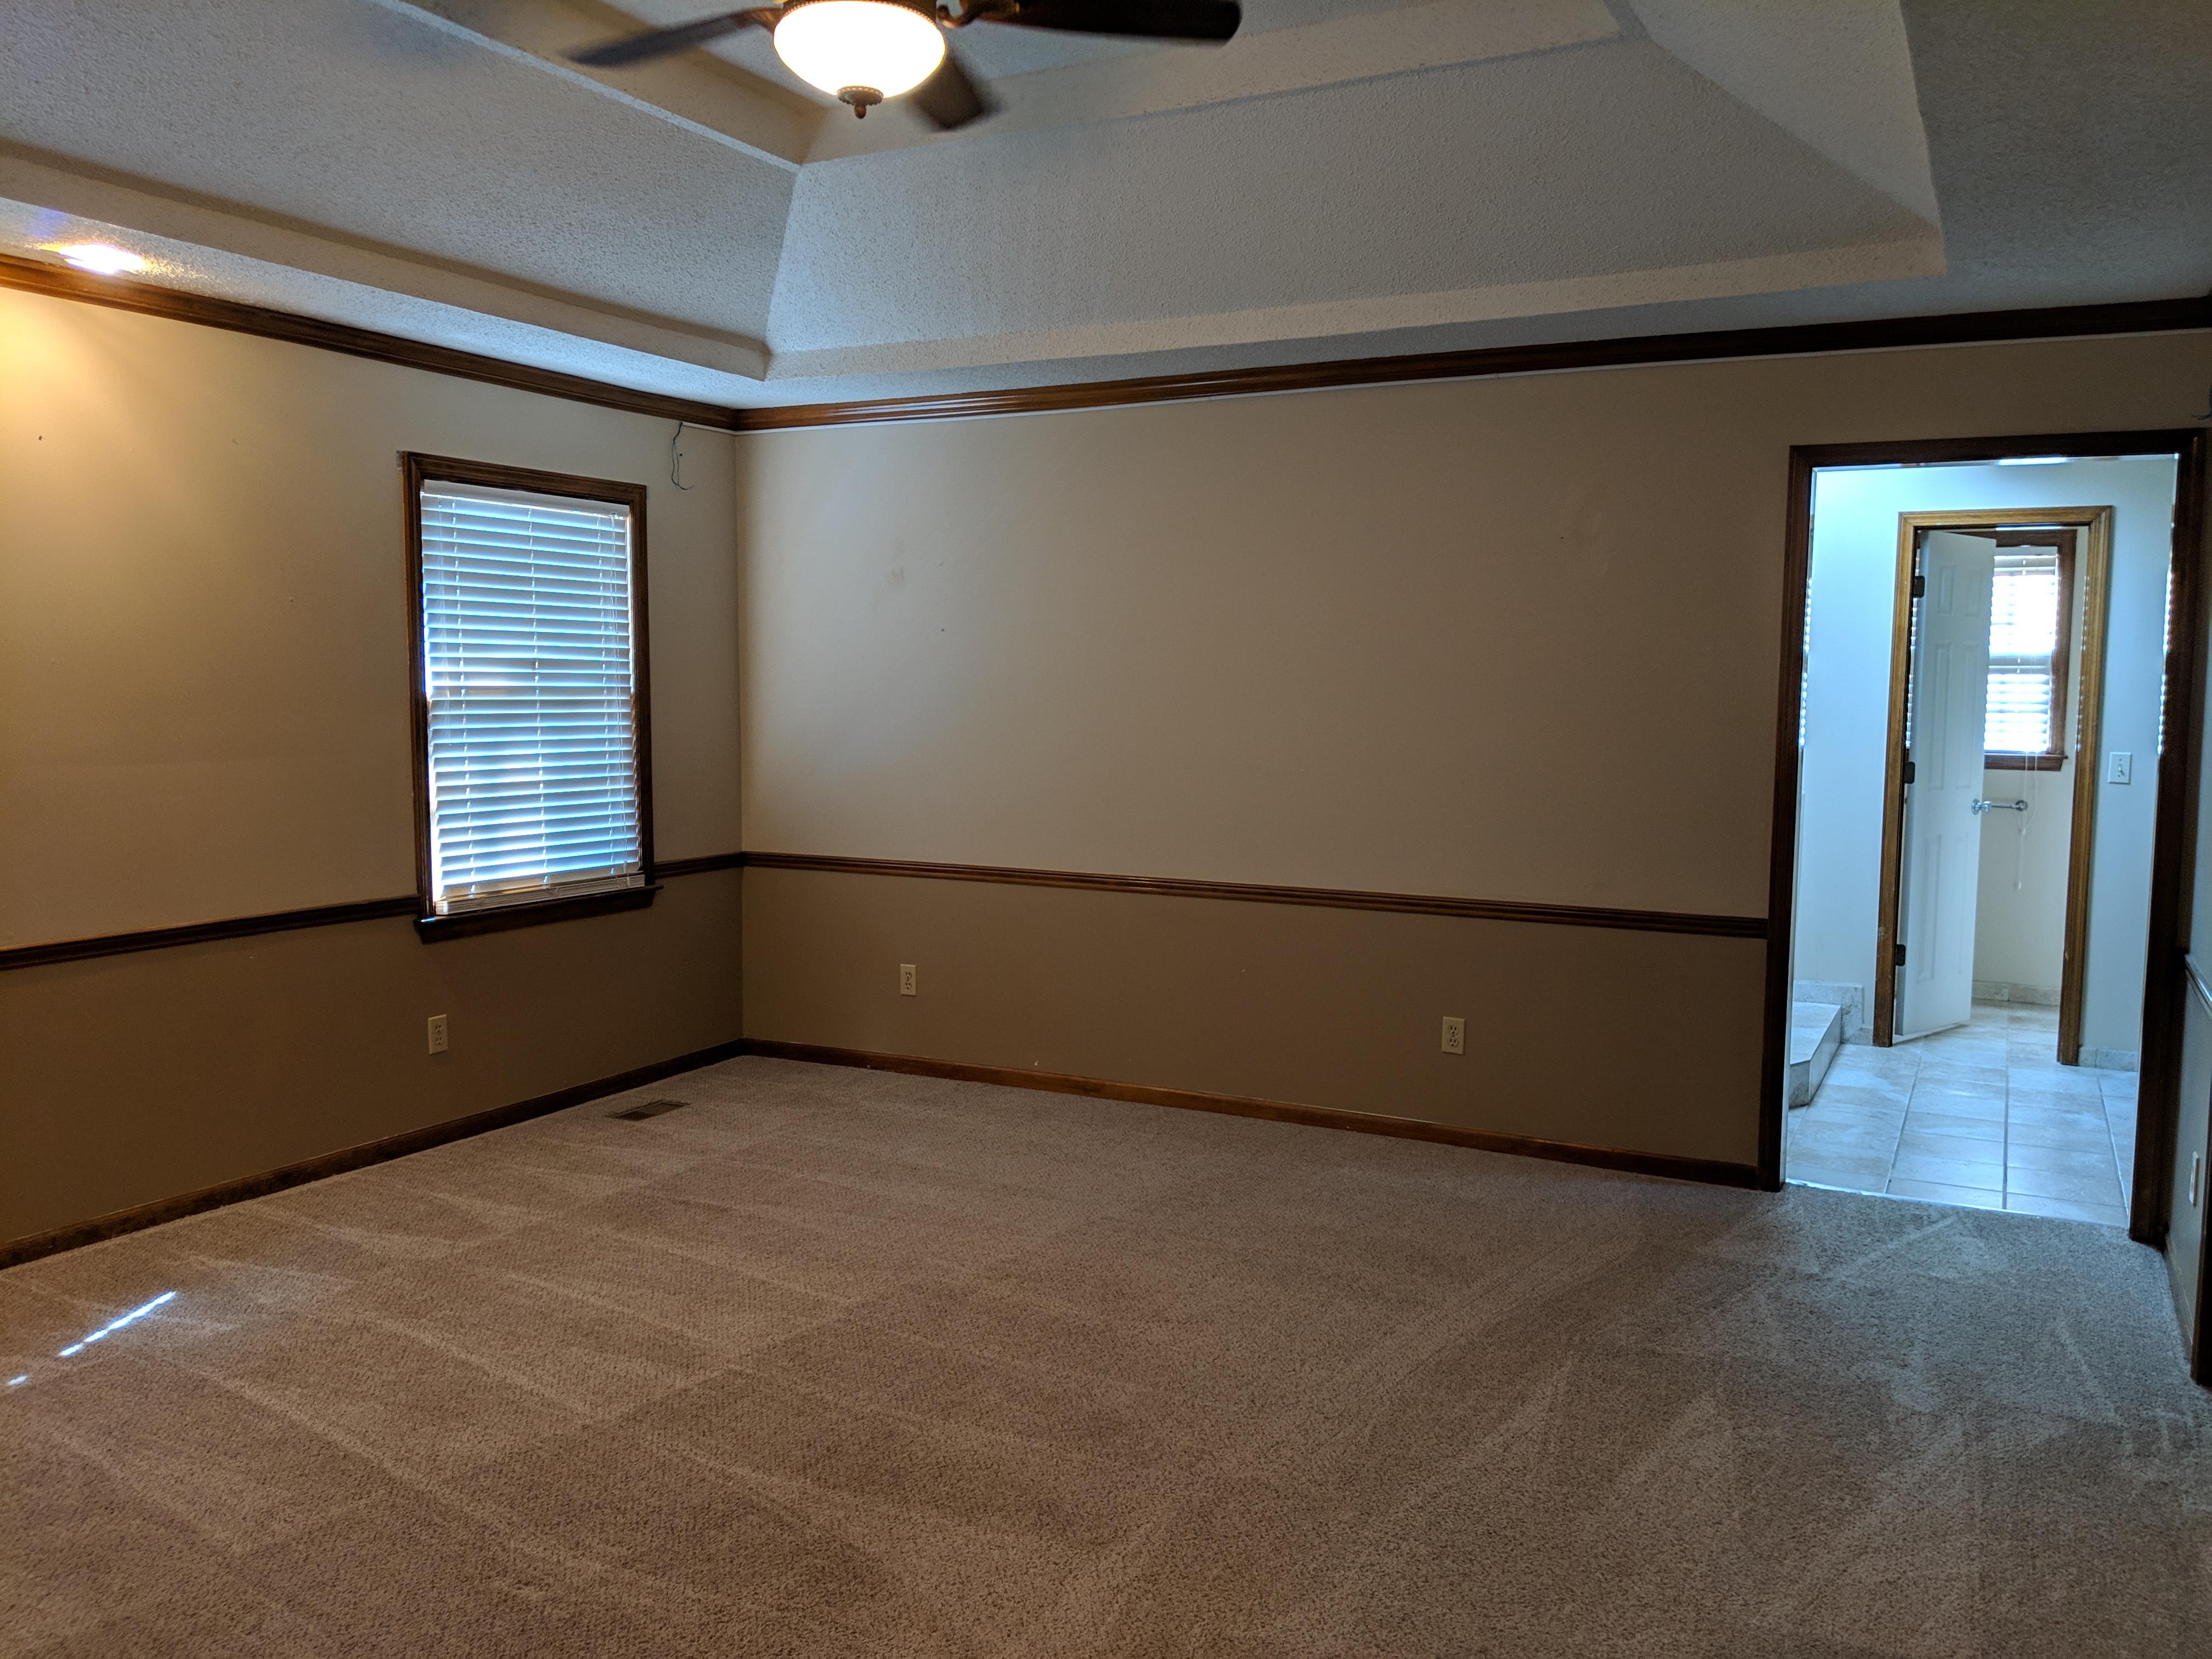 Photo of 428 N Mesquite Street, Olathe, KS, 66061